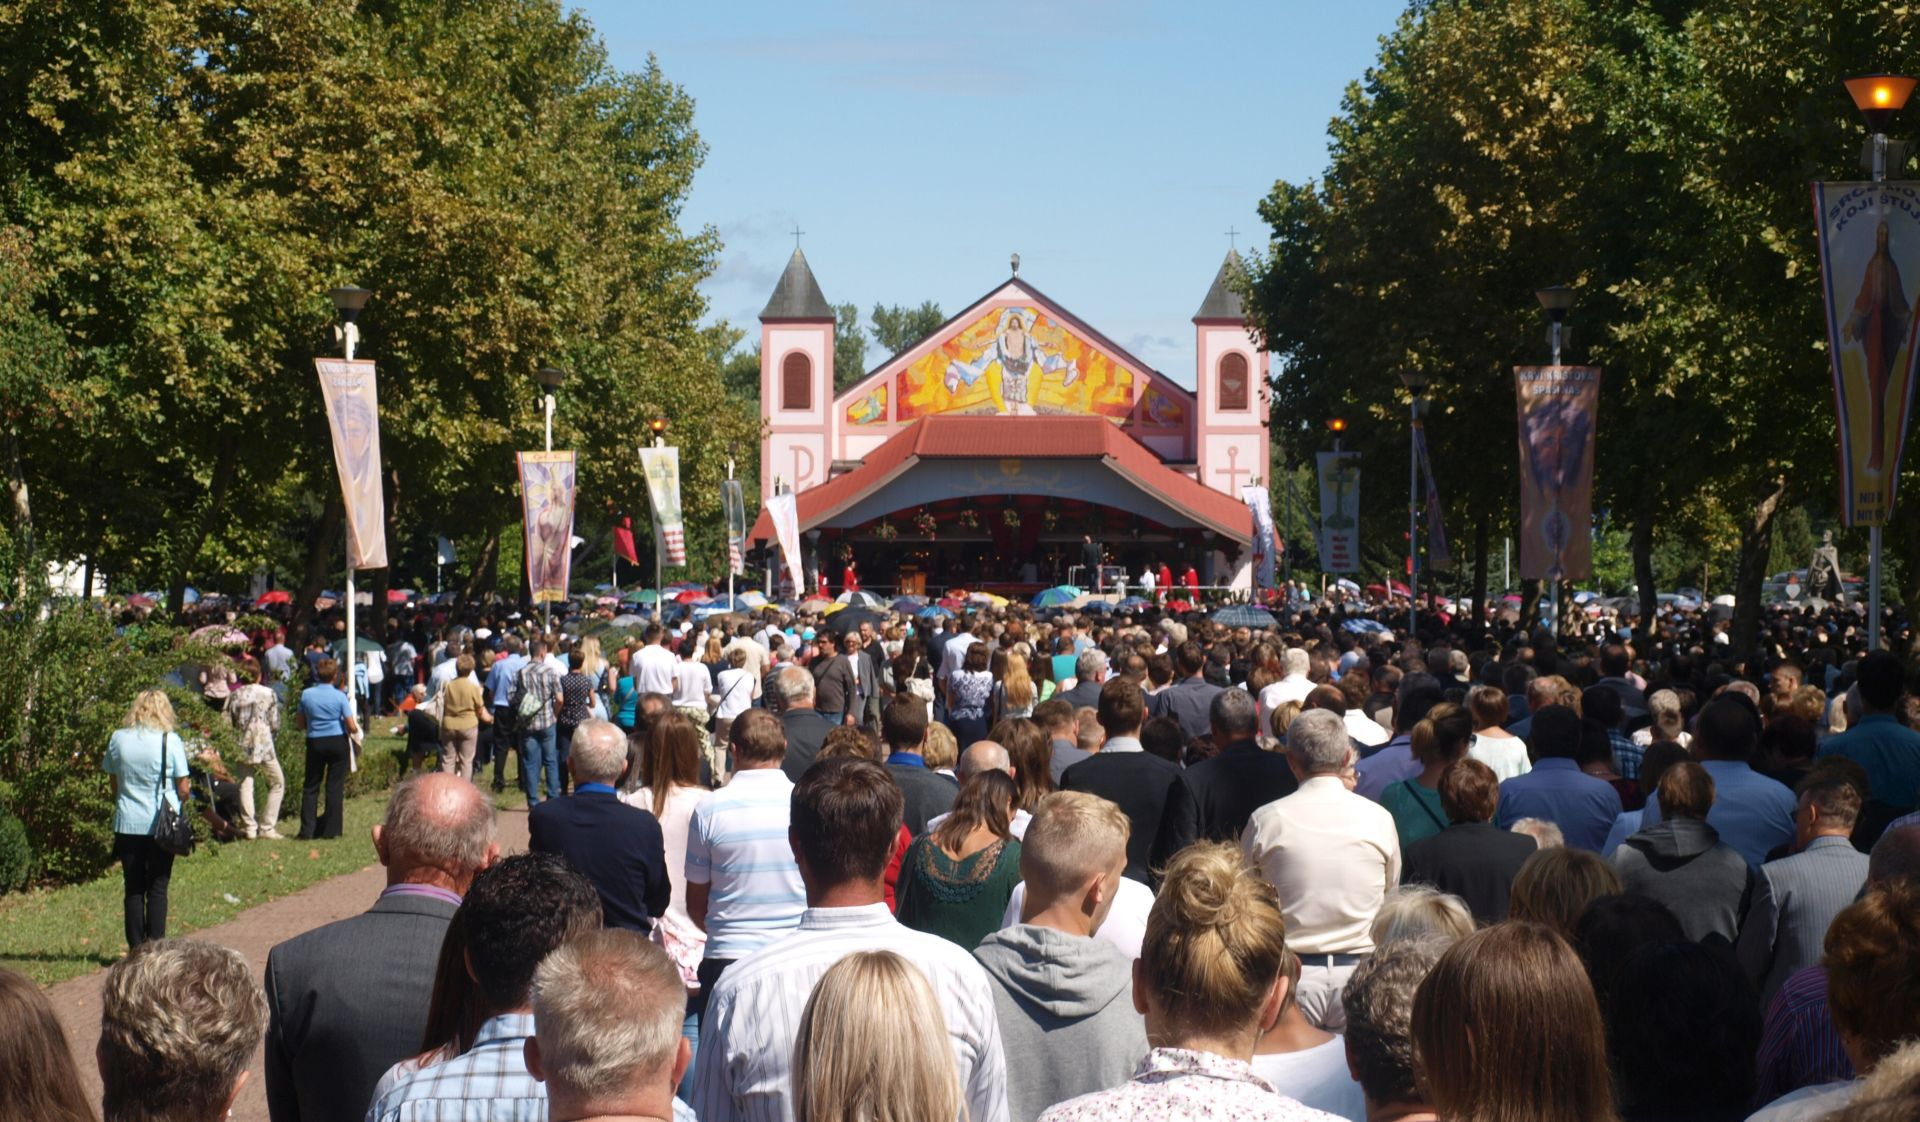 Biskup Kutleša pozvao na očuvanje prirodnog moralnog sustava: Žele promijeniti deset Božjih zapovijedi